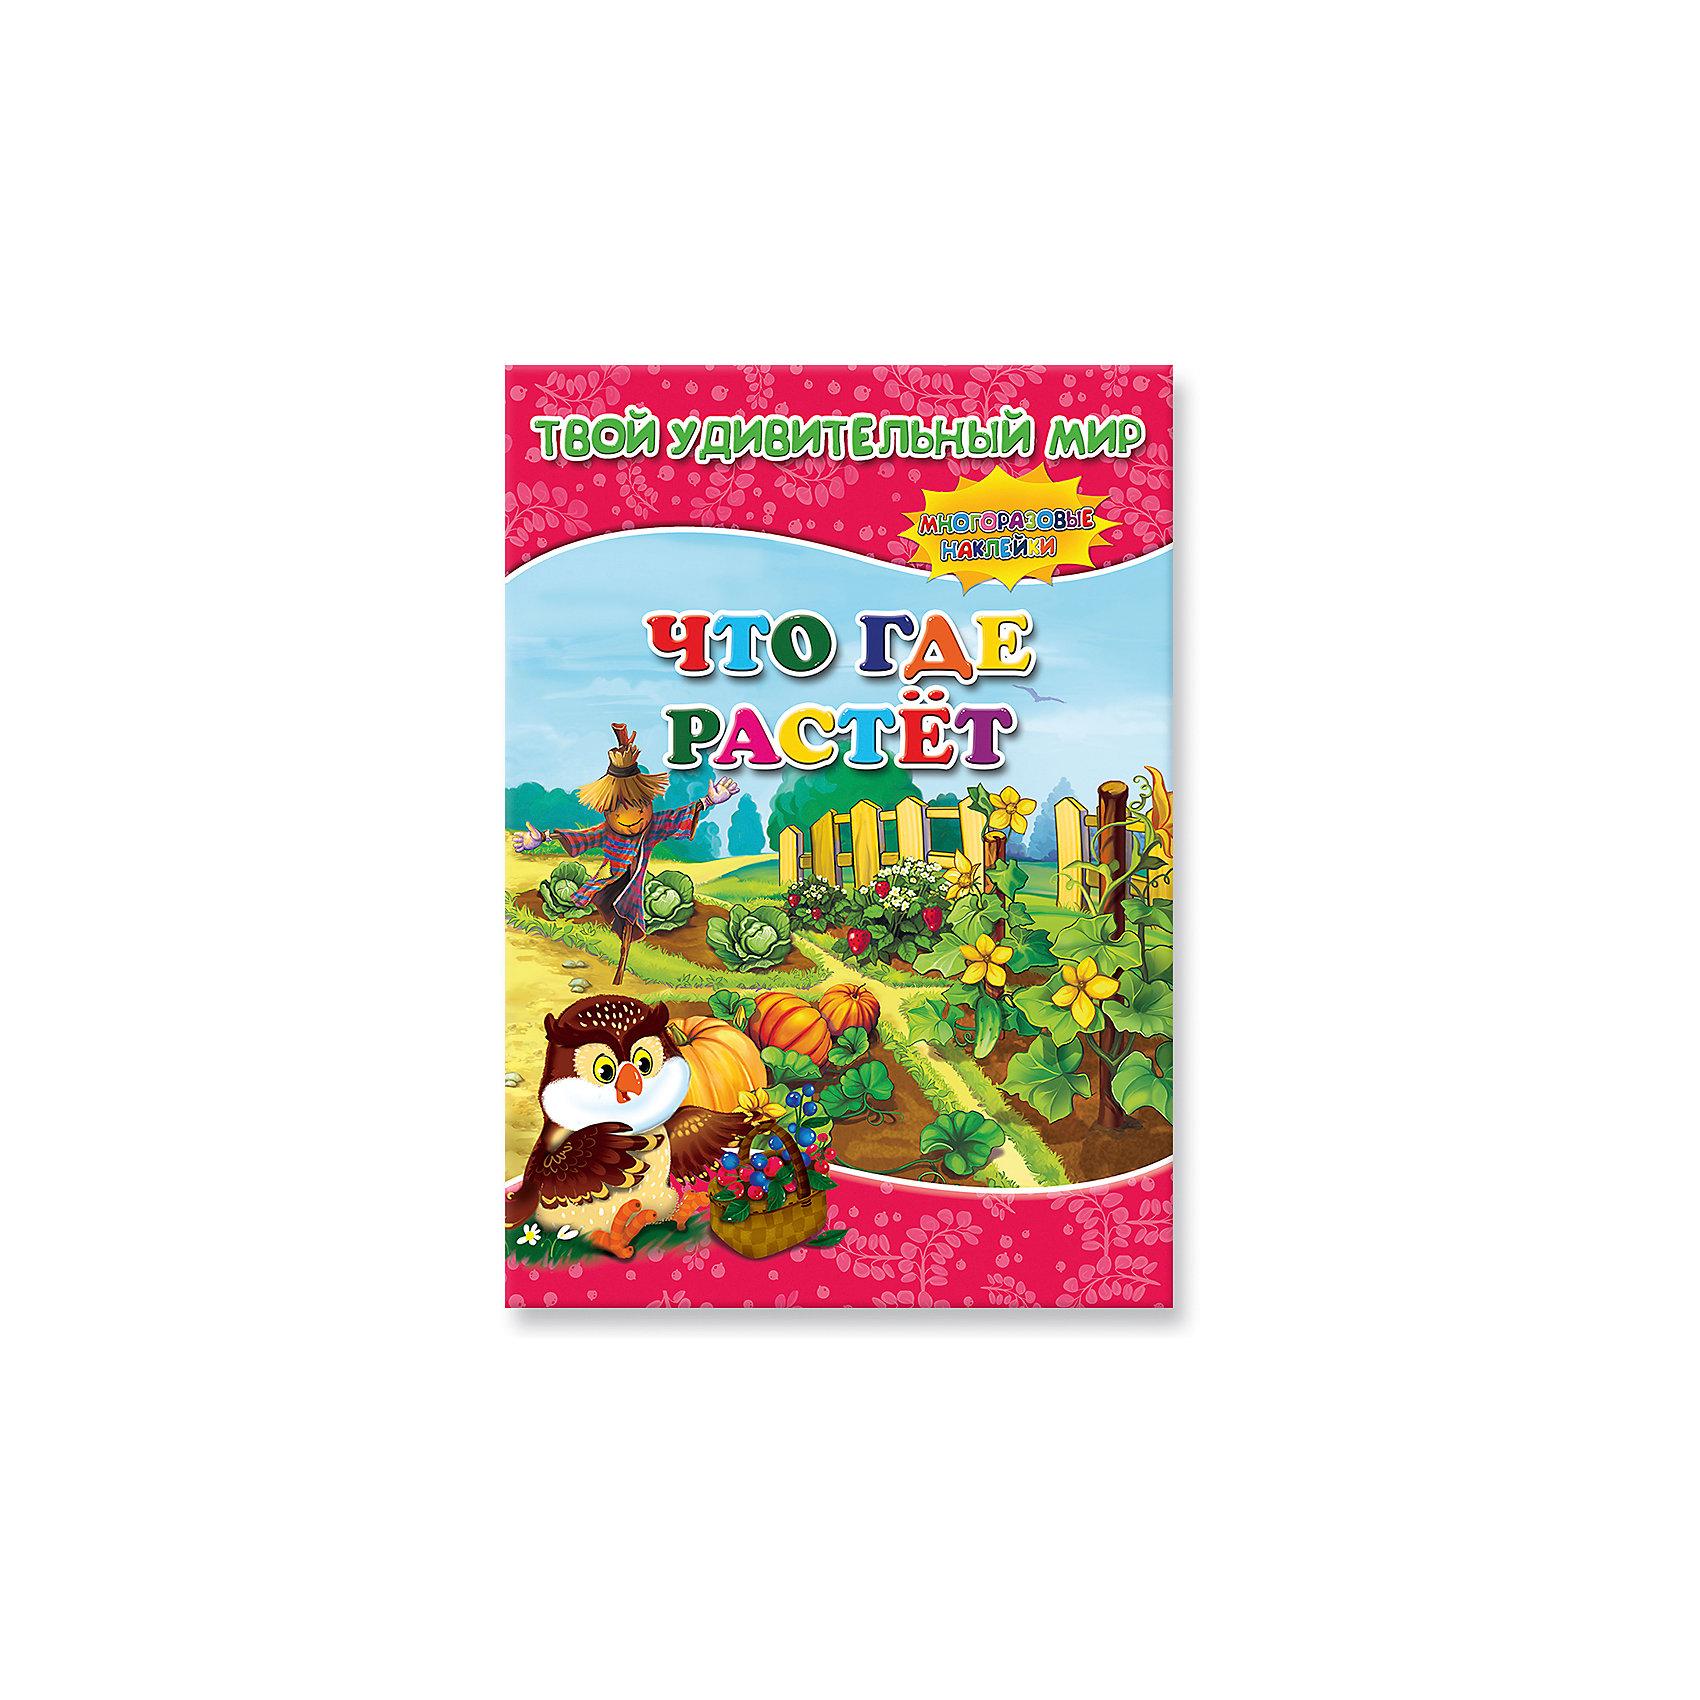 Книжка с наклейками Что где растет, Твой удивительный мирВ продолжение серии «Твой удивительный мир» для детей от 3 лет вышла новая яркая книжка с наклейками. Ваш ребенок, играя, узнает, где растут ягоды и грибы, фрукты и экзотические растения. Подсказки внизу страницы помогут вашему малышу выбрать нужные картинки и наклеить на любое понравившееся место. Мягкий переплет.<br><br>Ширина мм: 215<br>Глубина мм: 297<br>Высота мм: 3<br>Вес г: 110<br>Возраст от месяцев: 36<br>Возраст до месяцев: 84<br>Пол: Унисекс<br>Возраст: Детский<br>SKU: 5423042